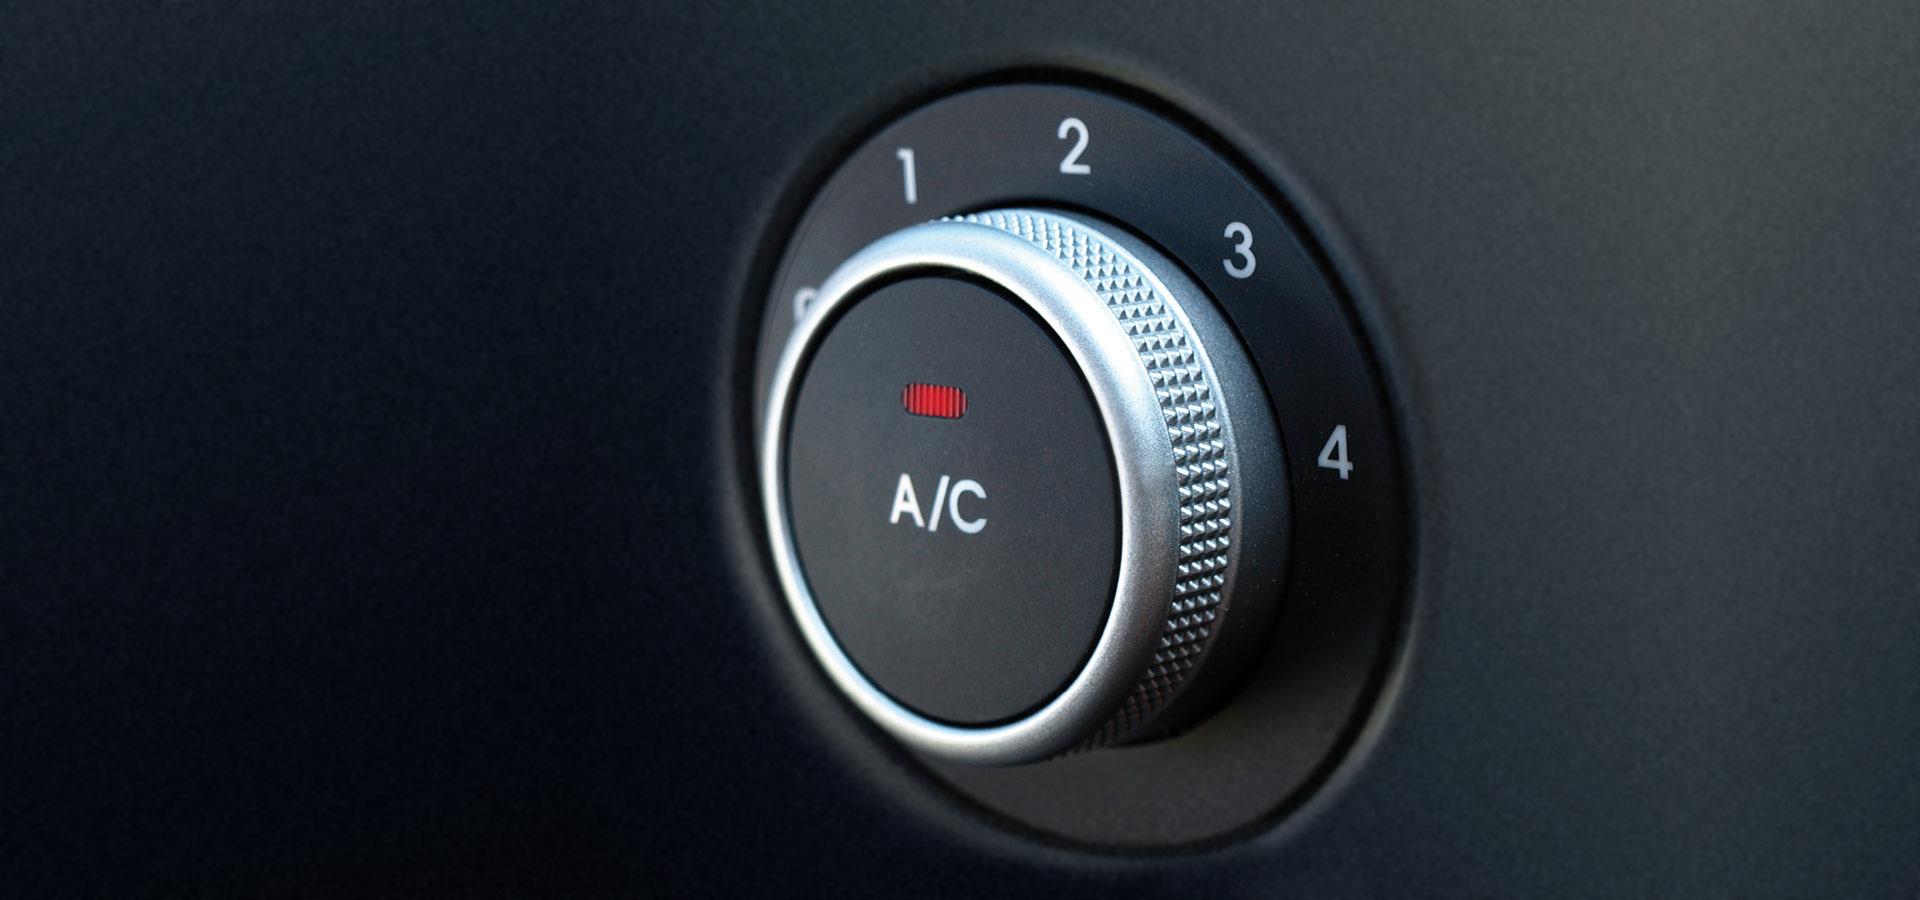 Recarga del aire acondicionado